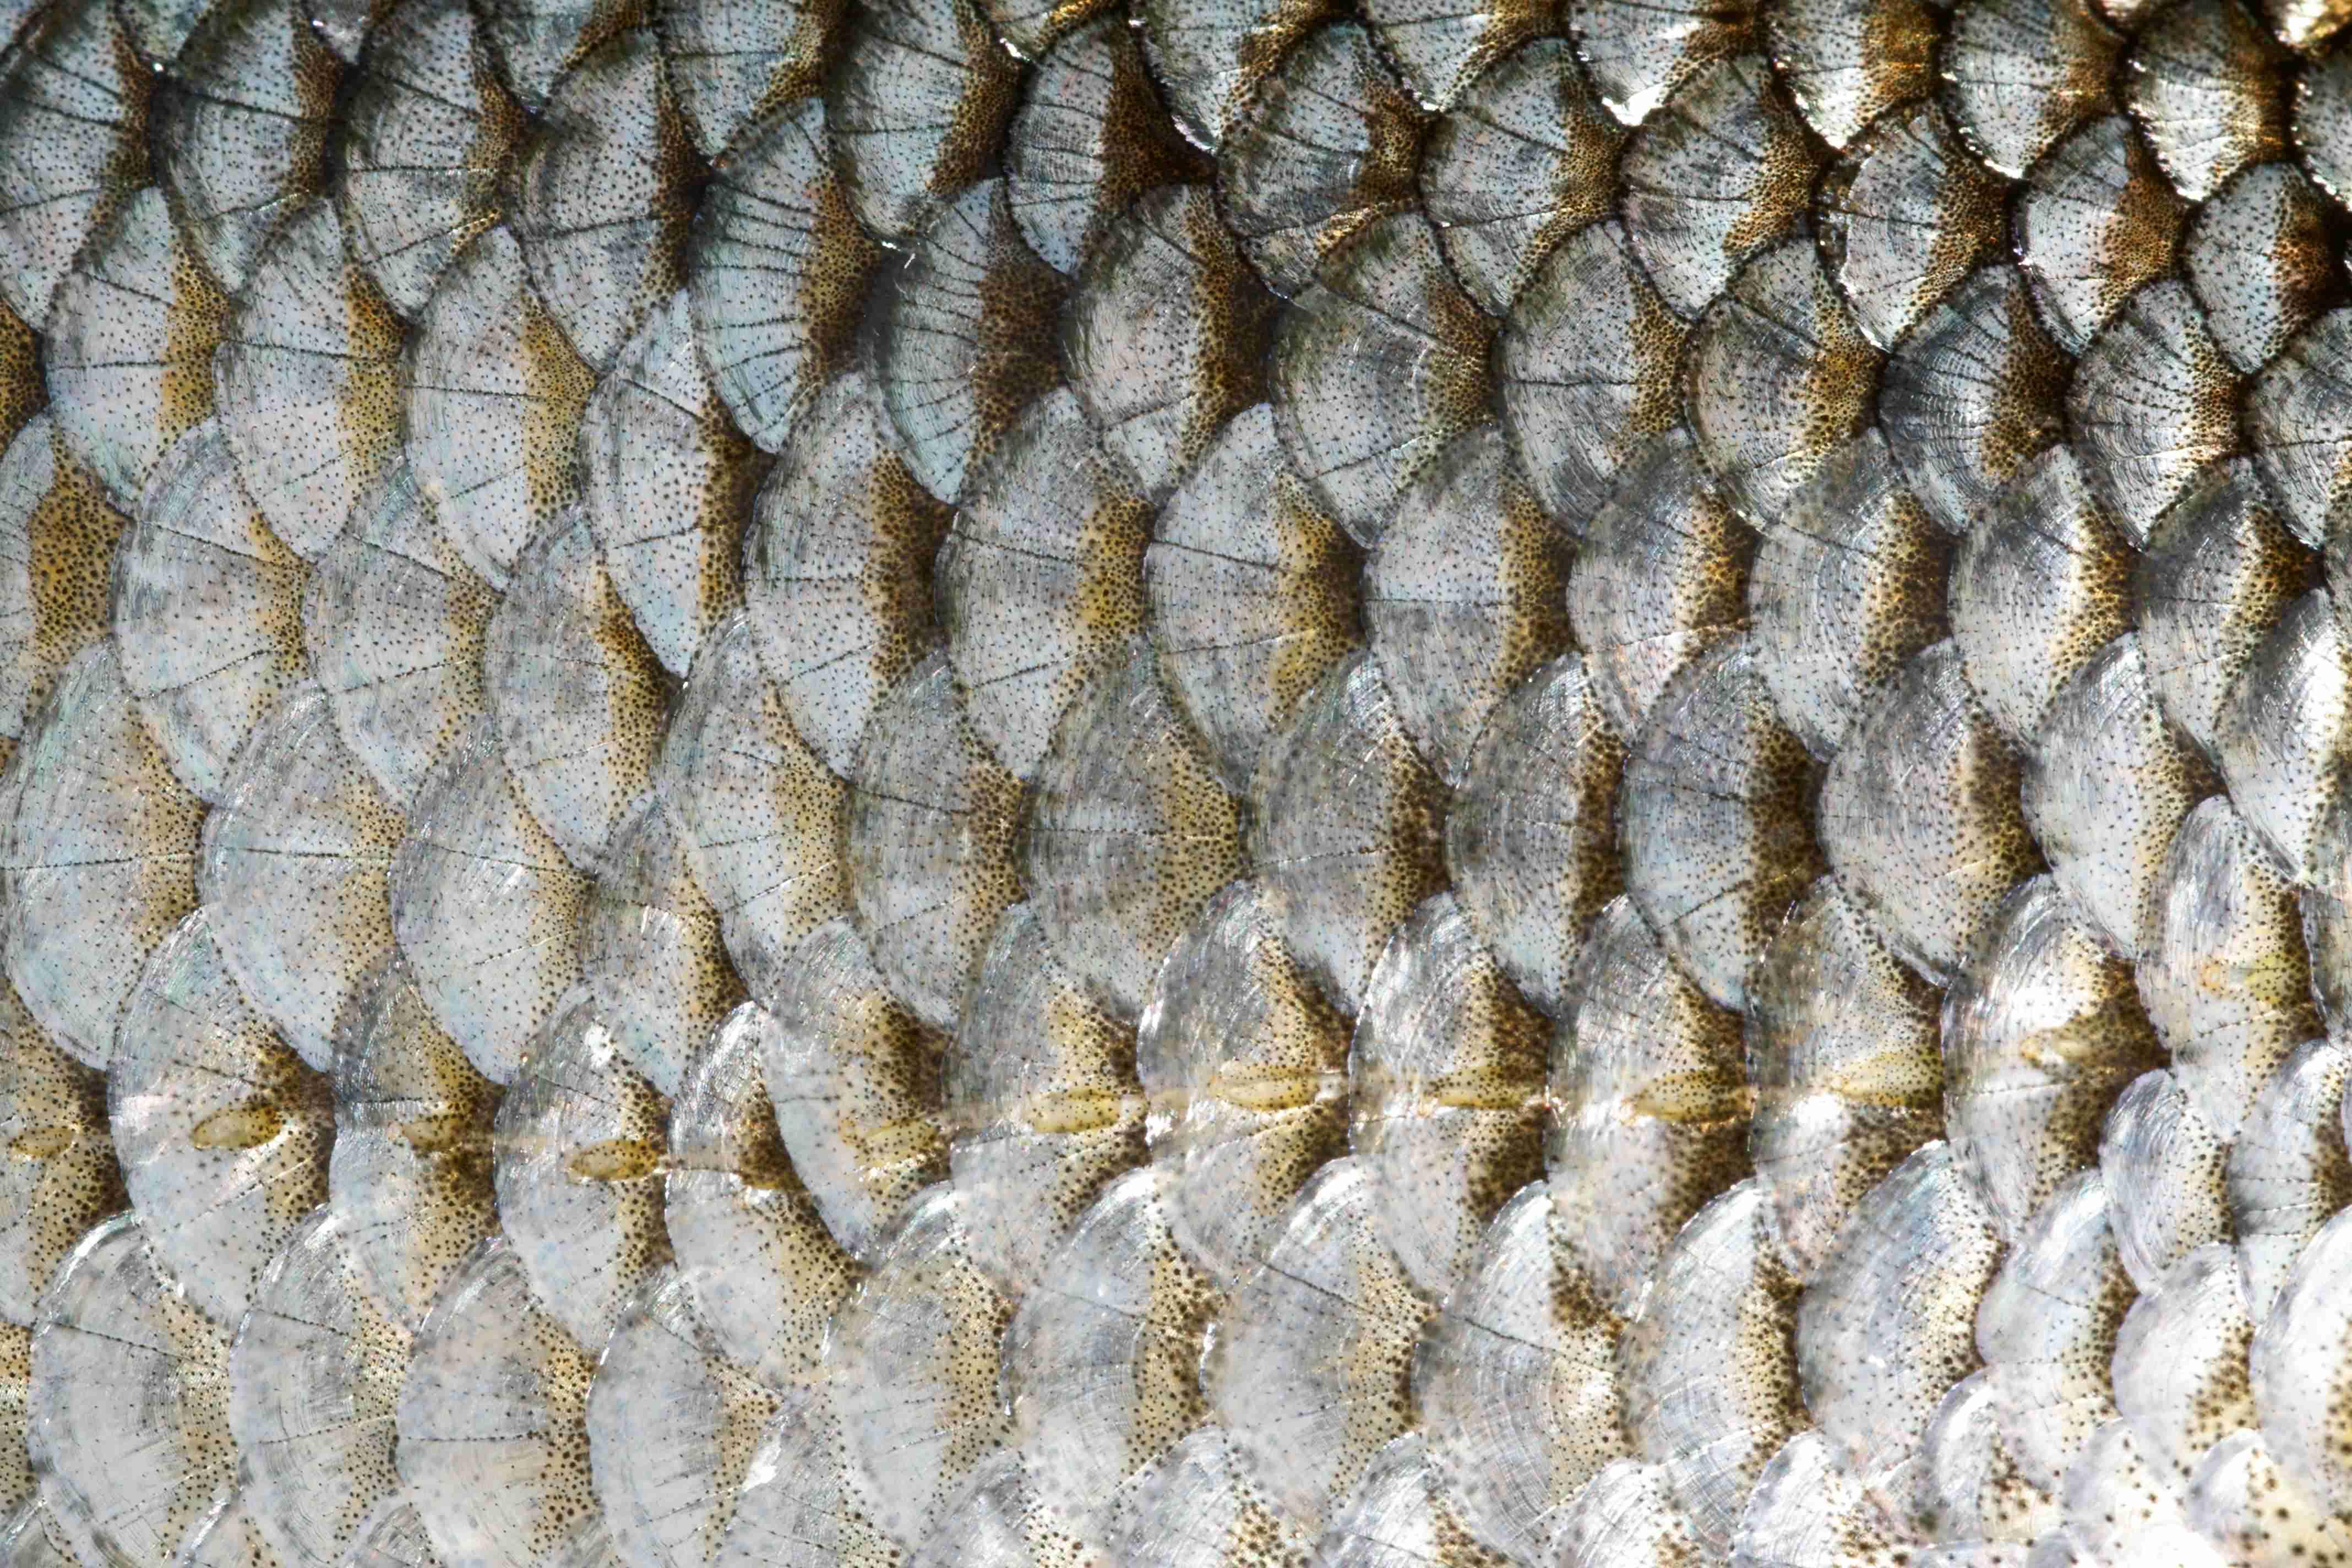 кожа рыб картинки свои достижения этом